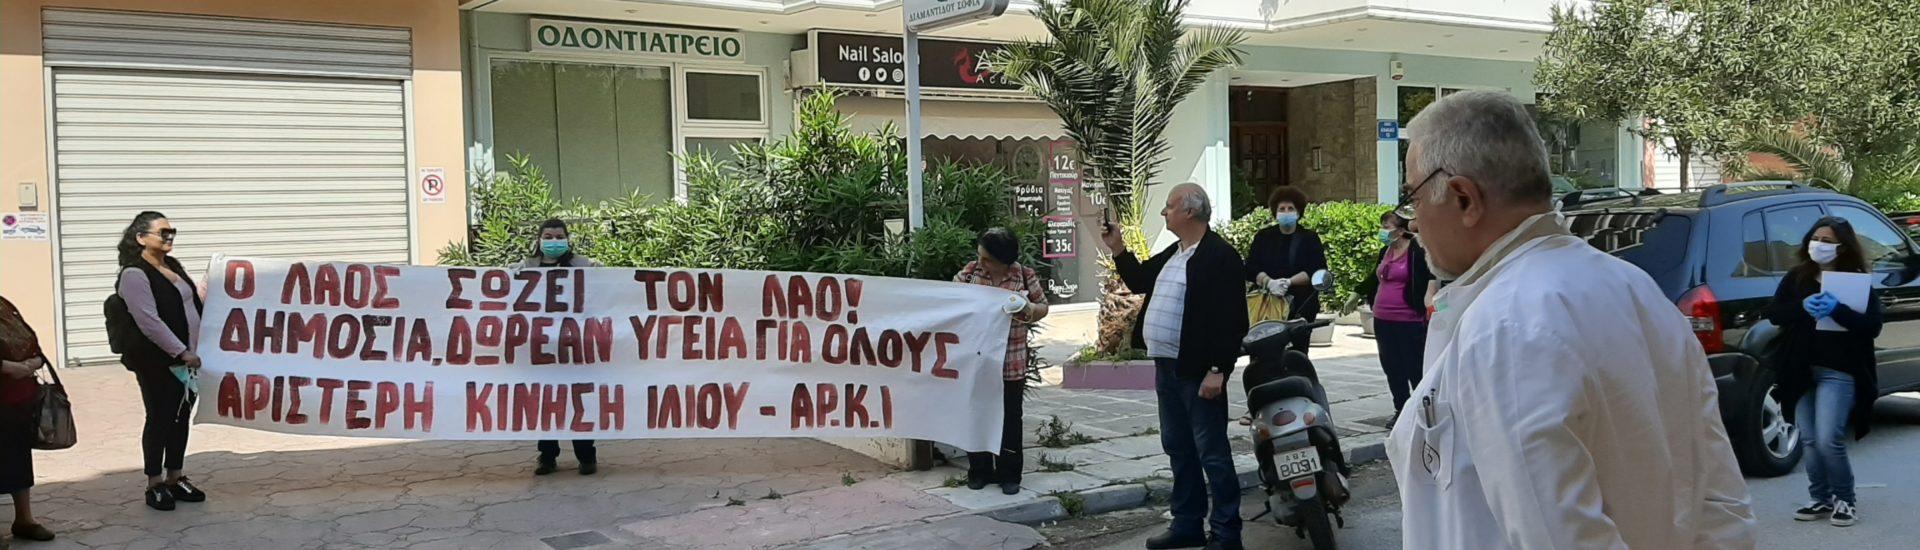 Κινητοποίηση στο Ίλιον για την παν-υγειονομική απεργία